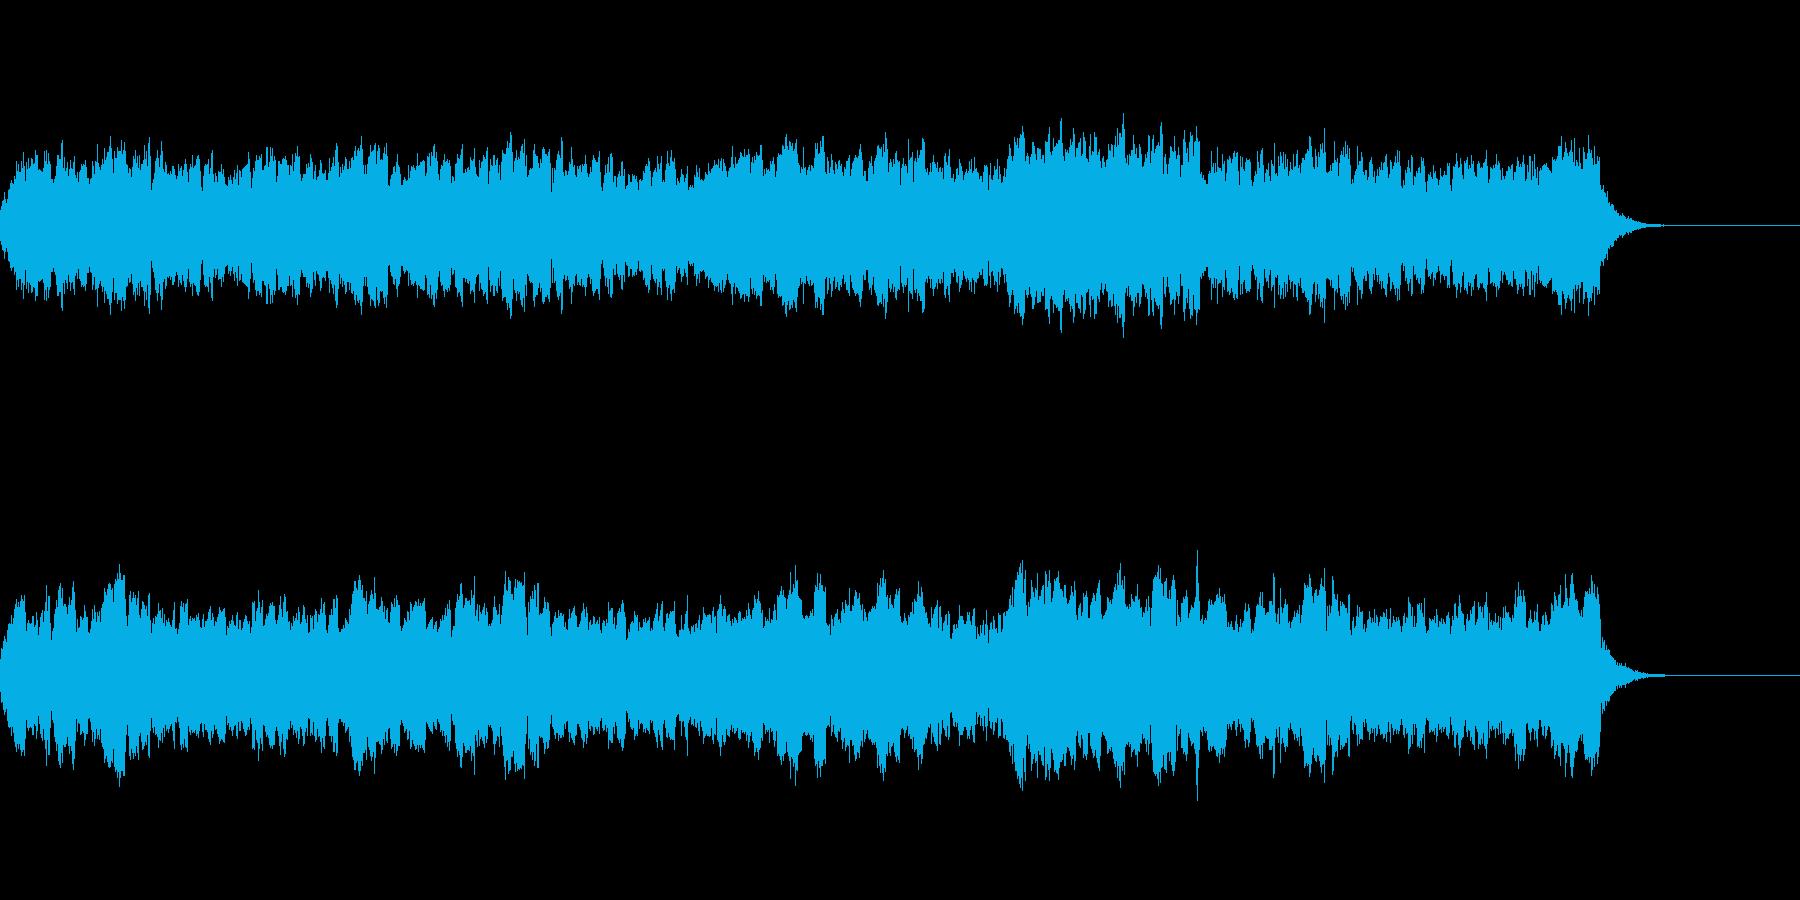 ゆったりと落ち着いた弦楽三重奏曲の再生済みの波形